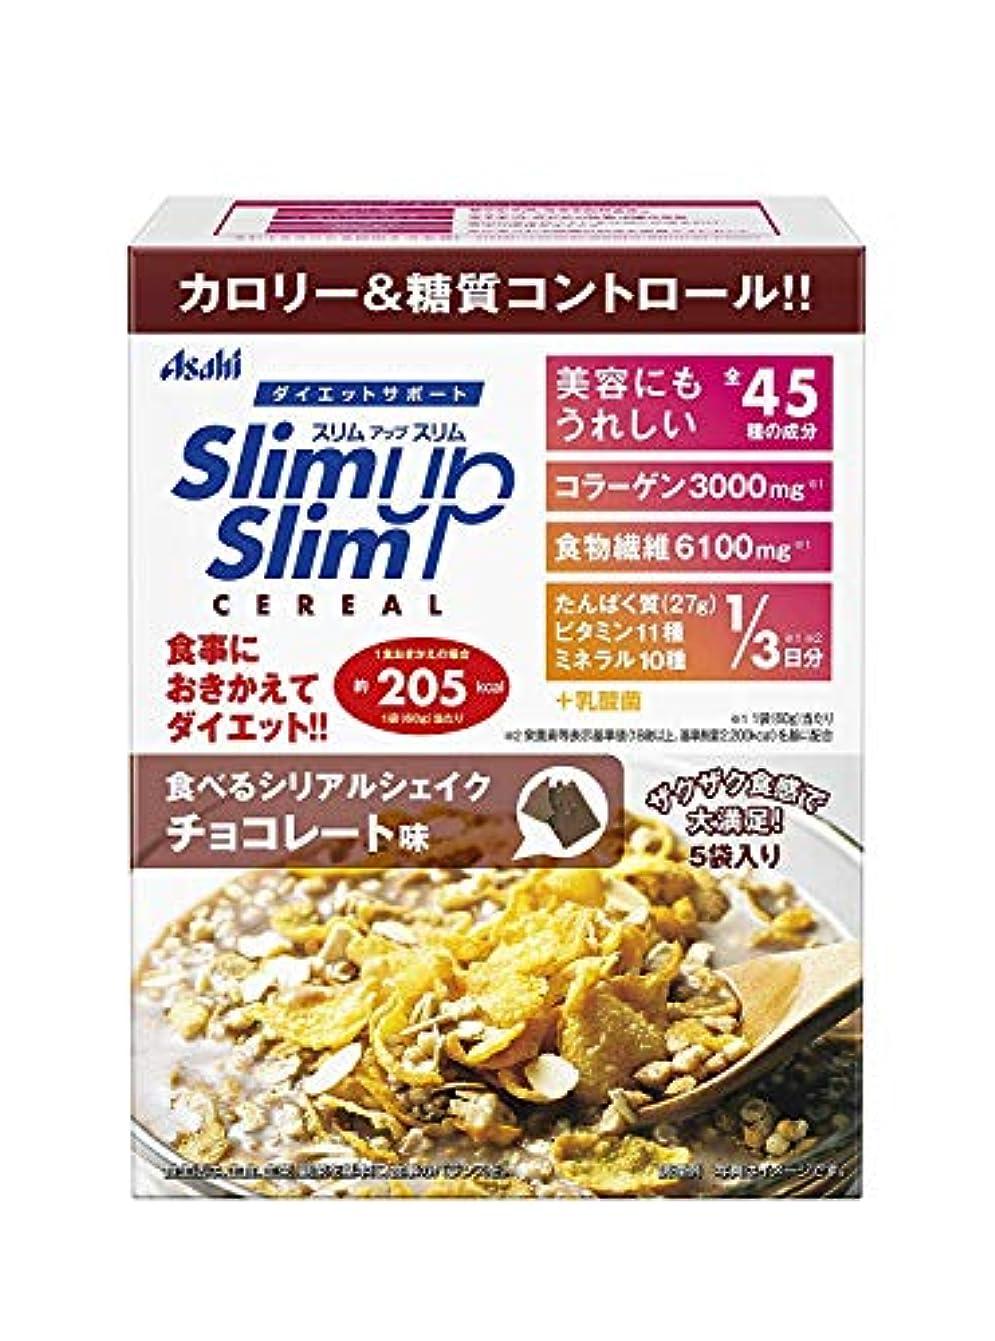 航空ありがたいご飯スリムアップスリム 食べるシリアルシェイク チョコレート味 300g (60g×5袋) ×5